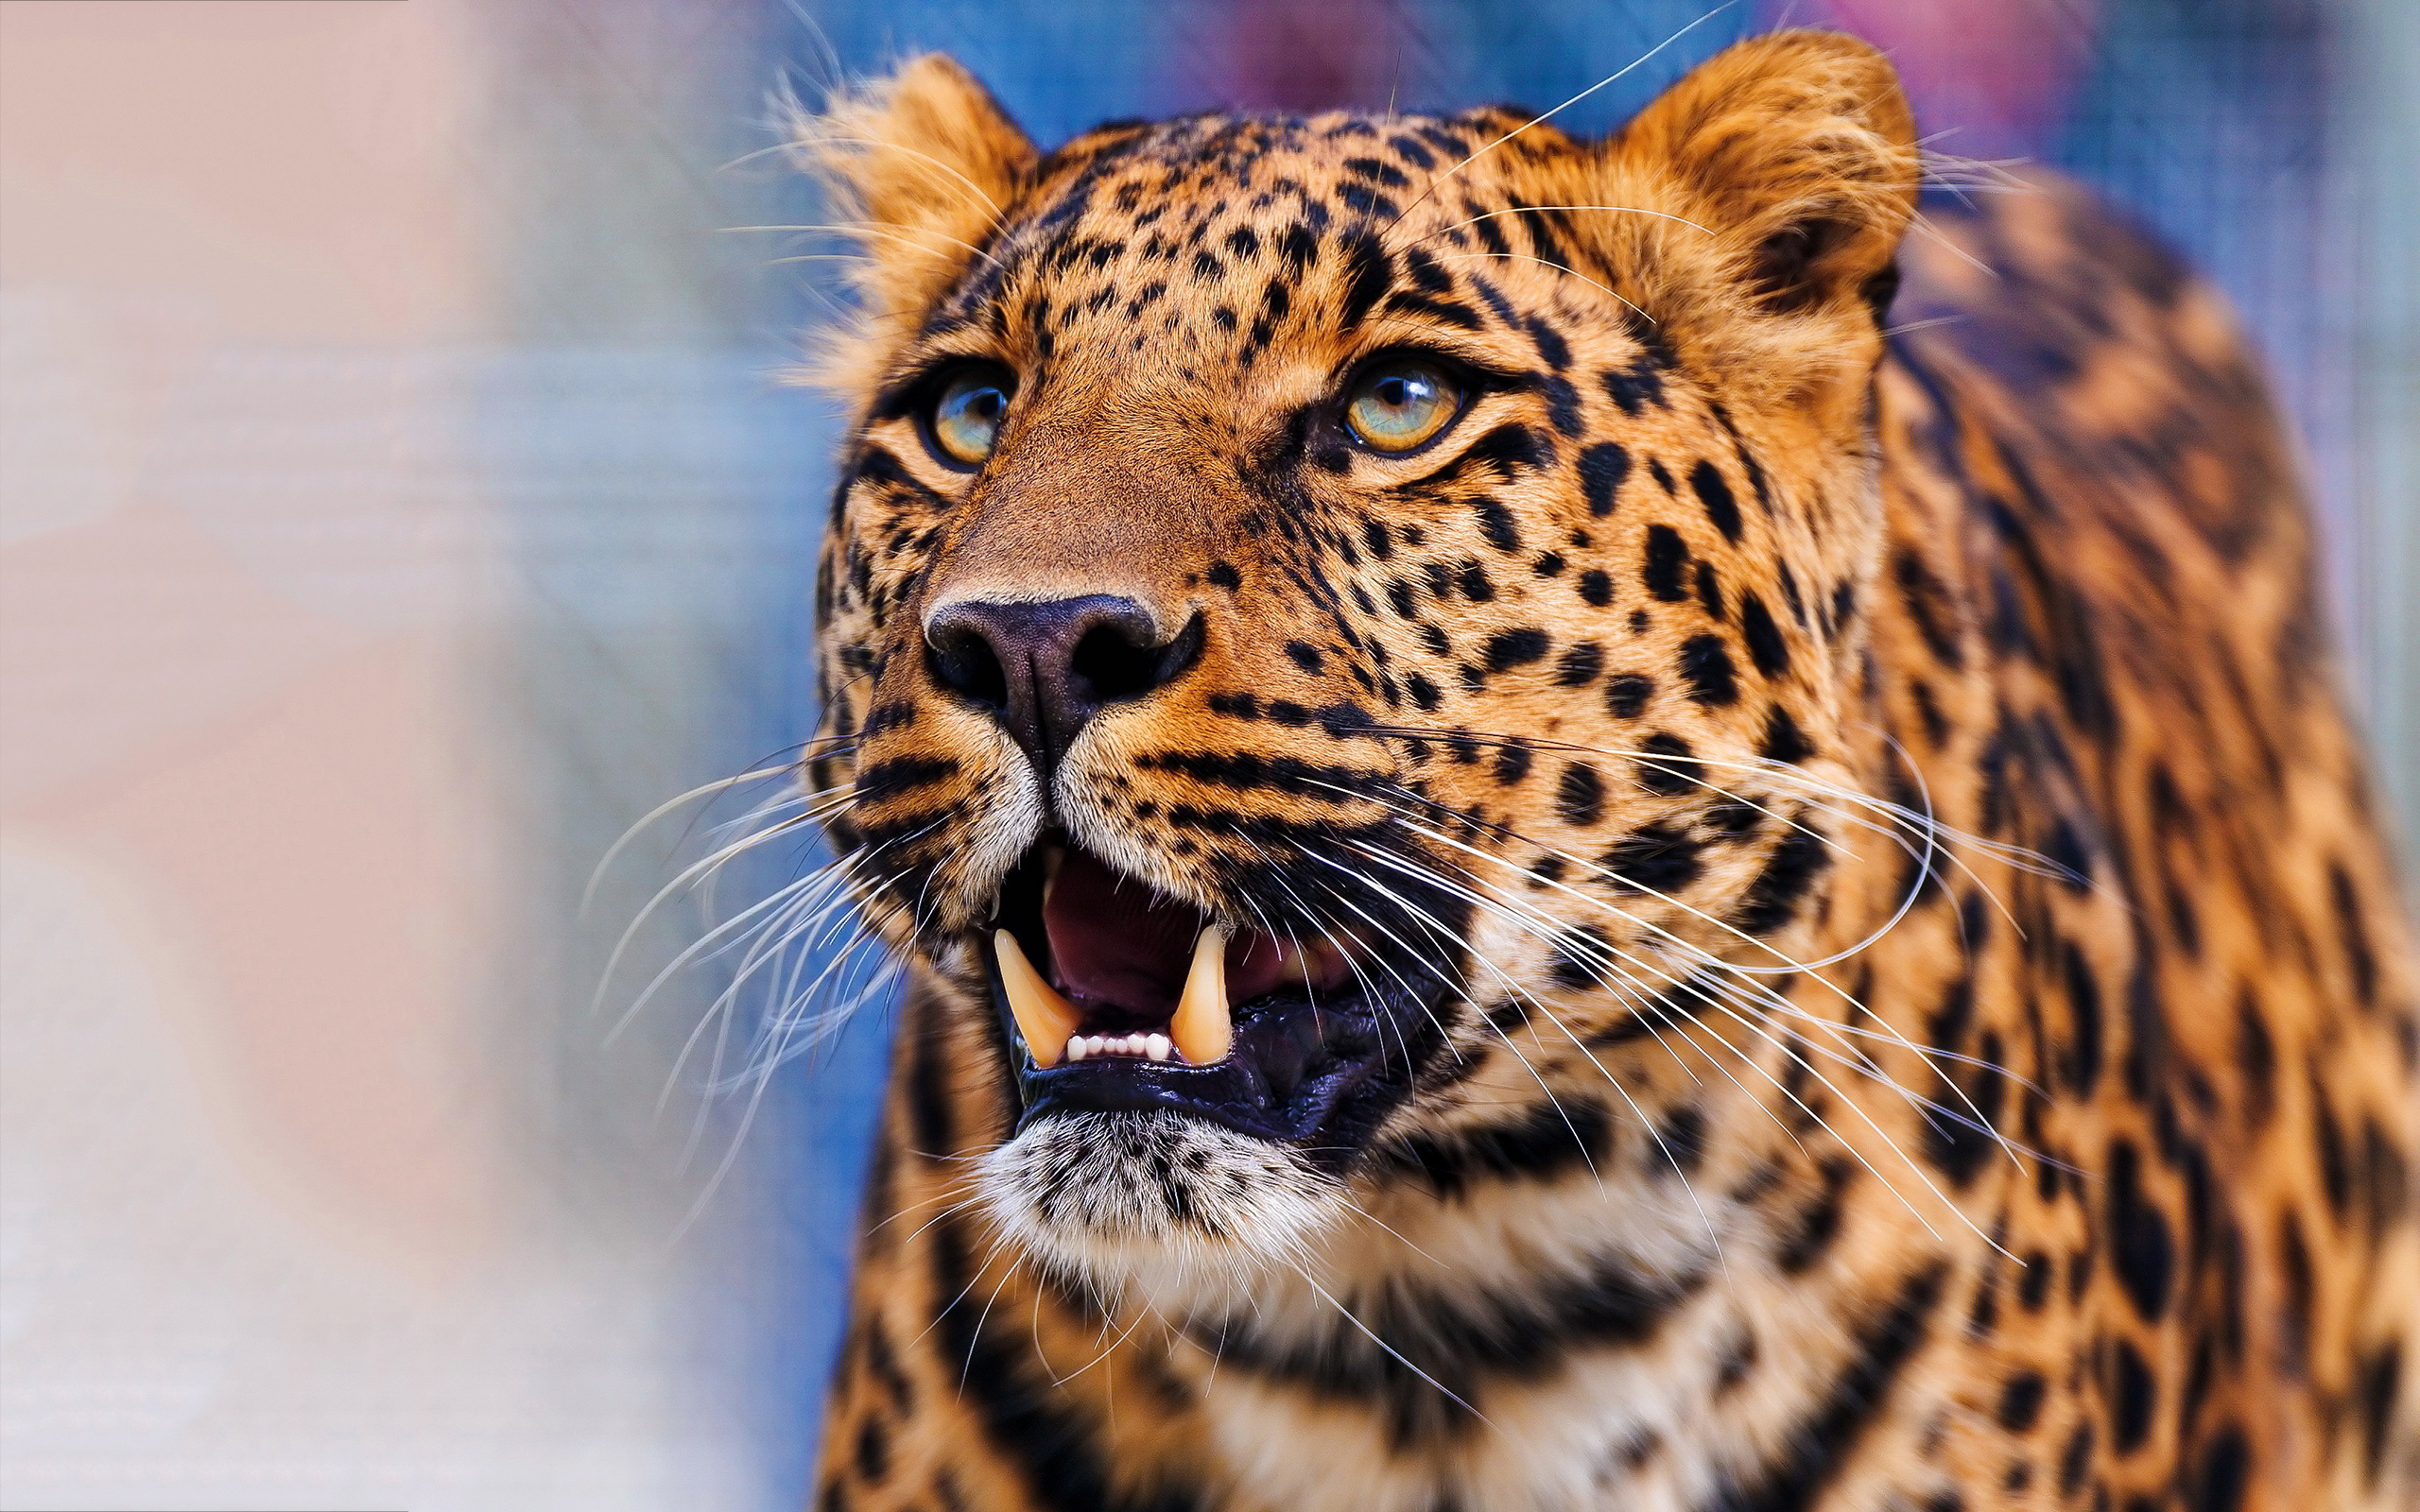 Leopard pics hd desktop wallpapers 4k hd leopard pics voltagebd Image collections